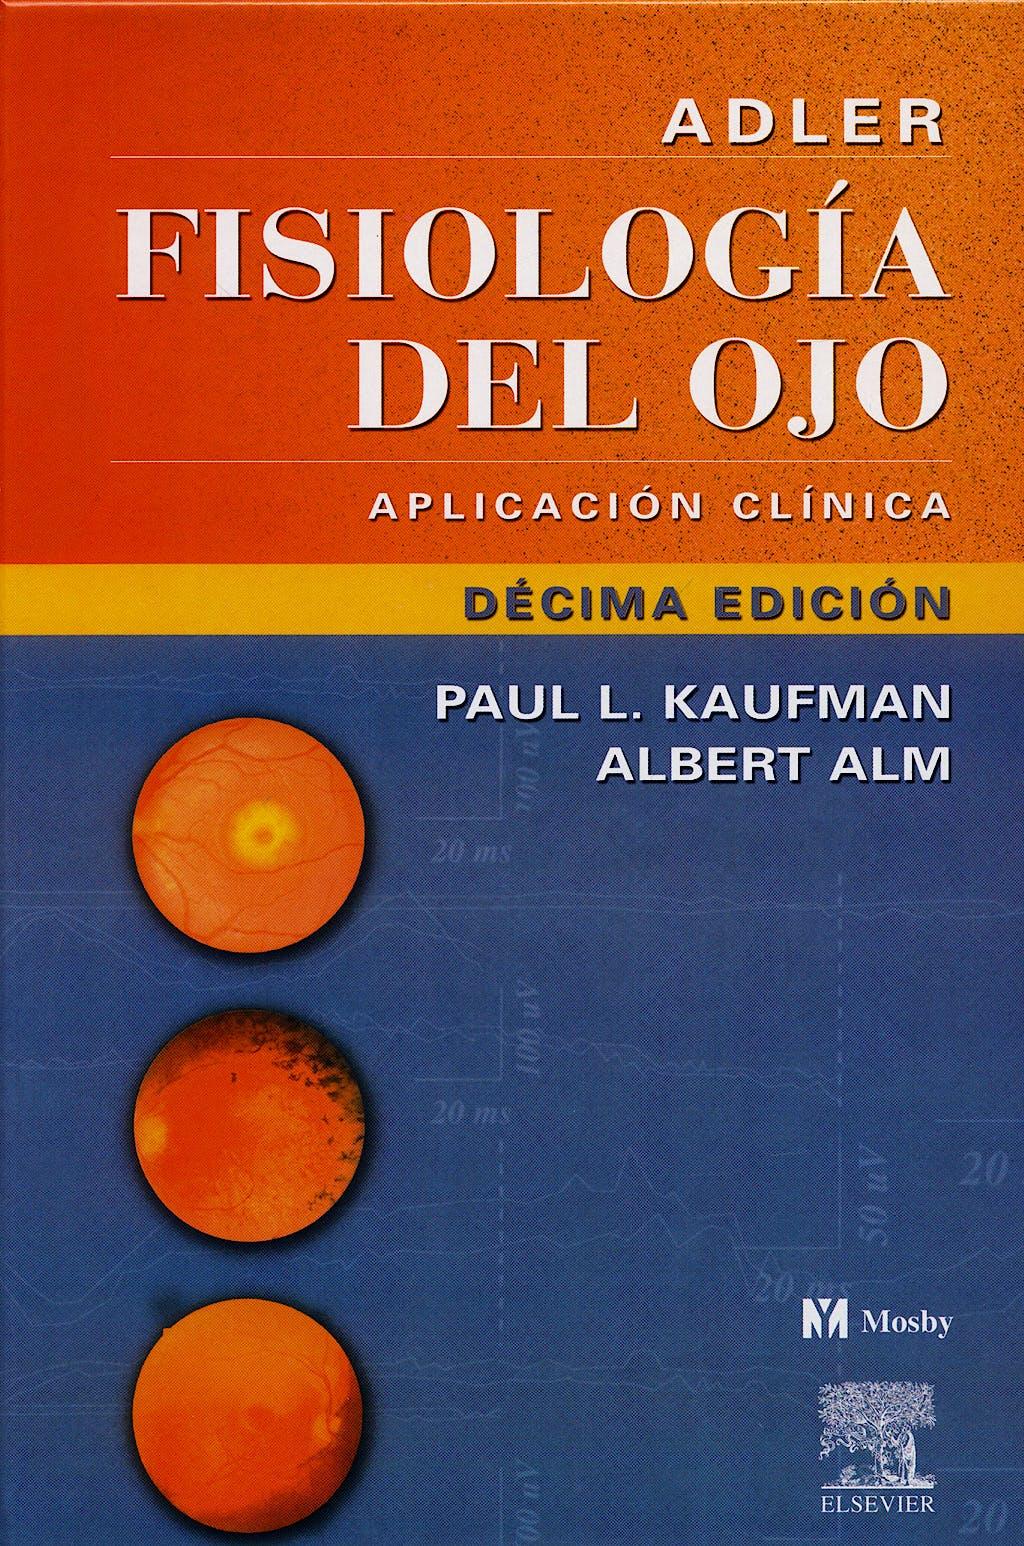 Producto: Adler Fisiologia del Ojo. Aplicacion Clinica